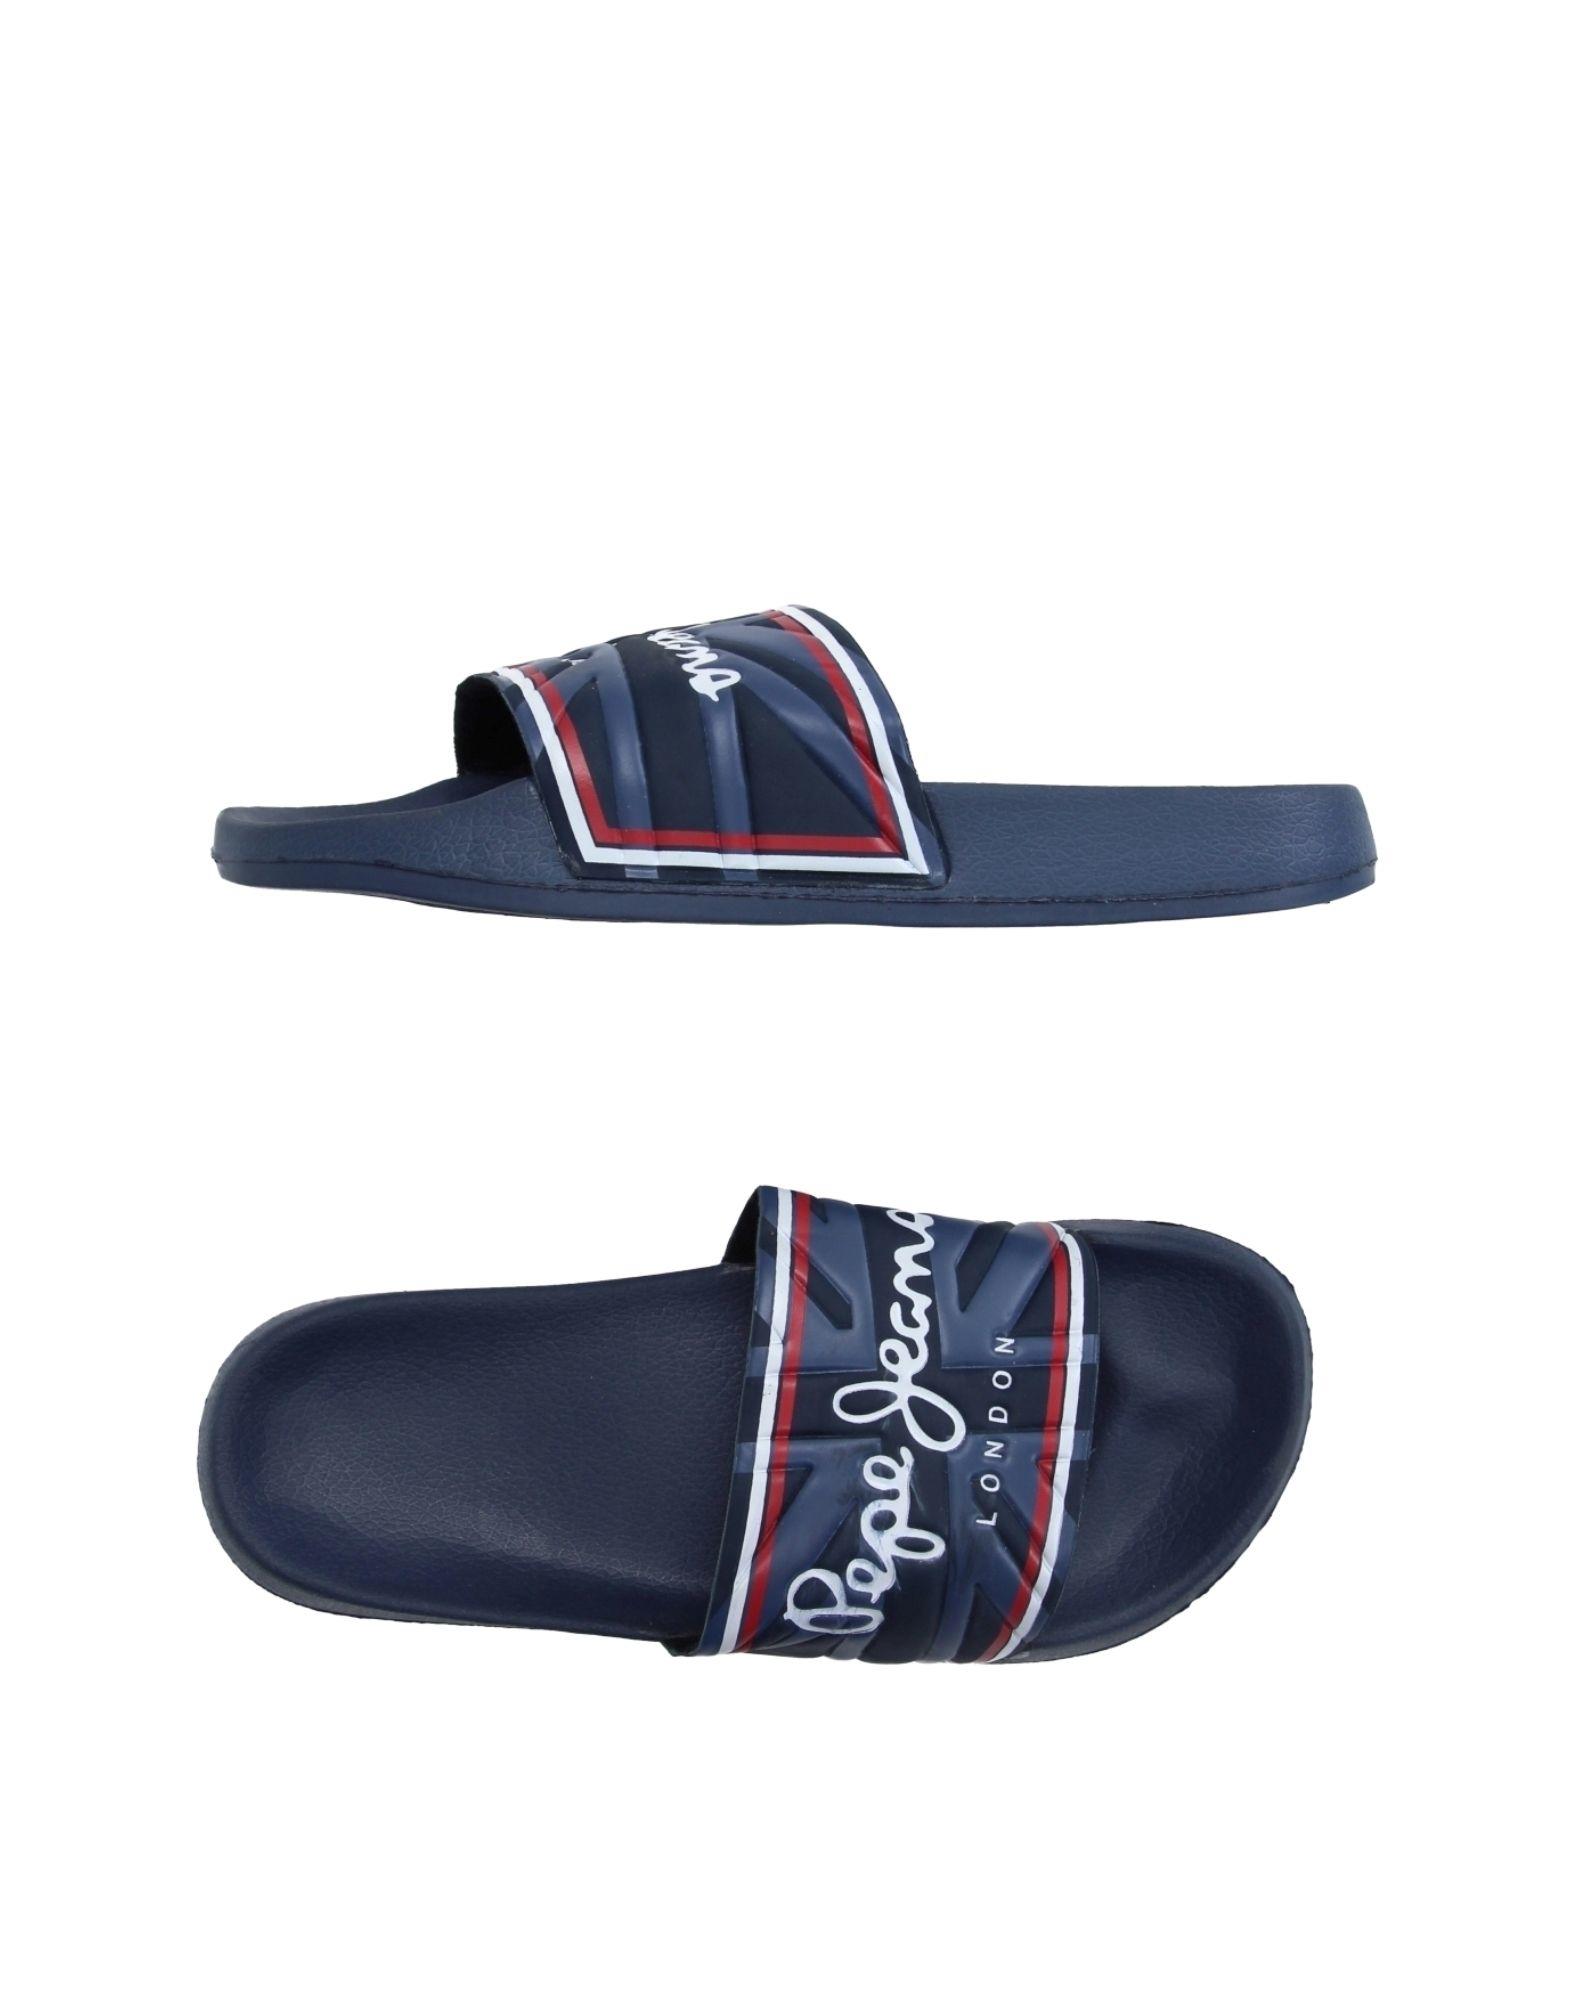 Two Strap Slide Sandals Black